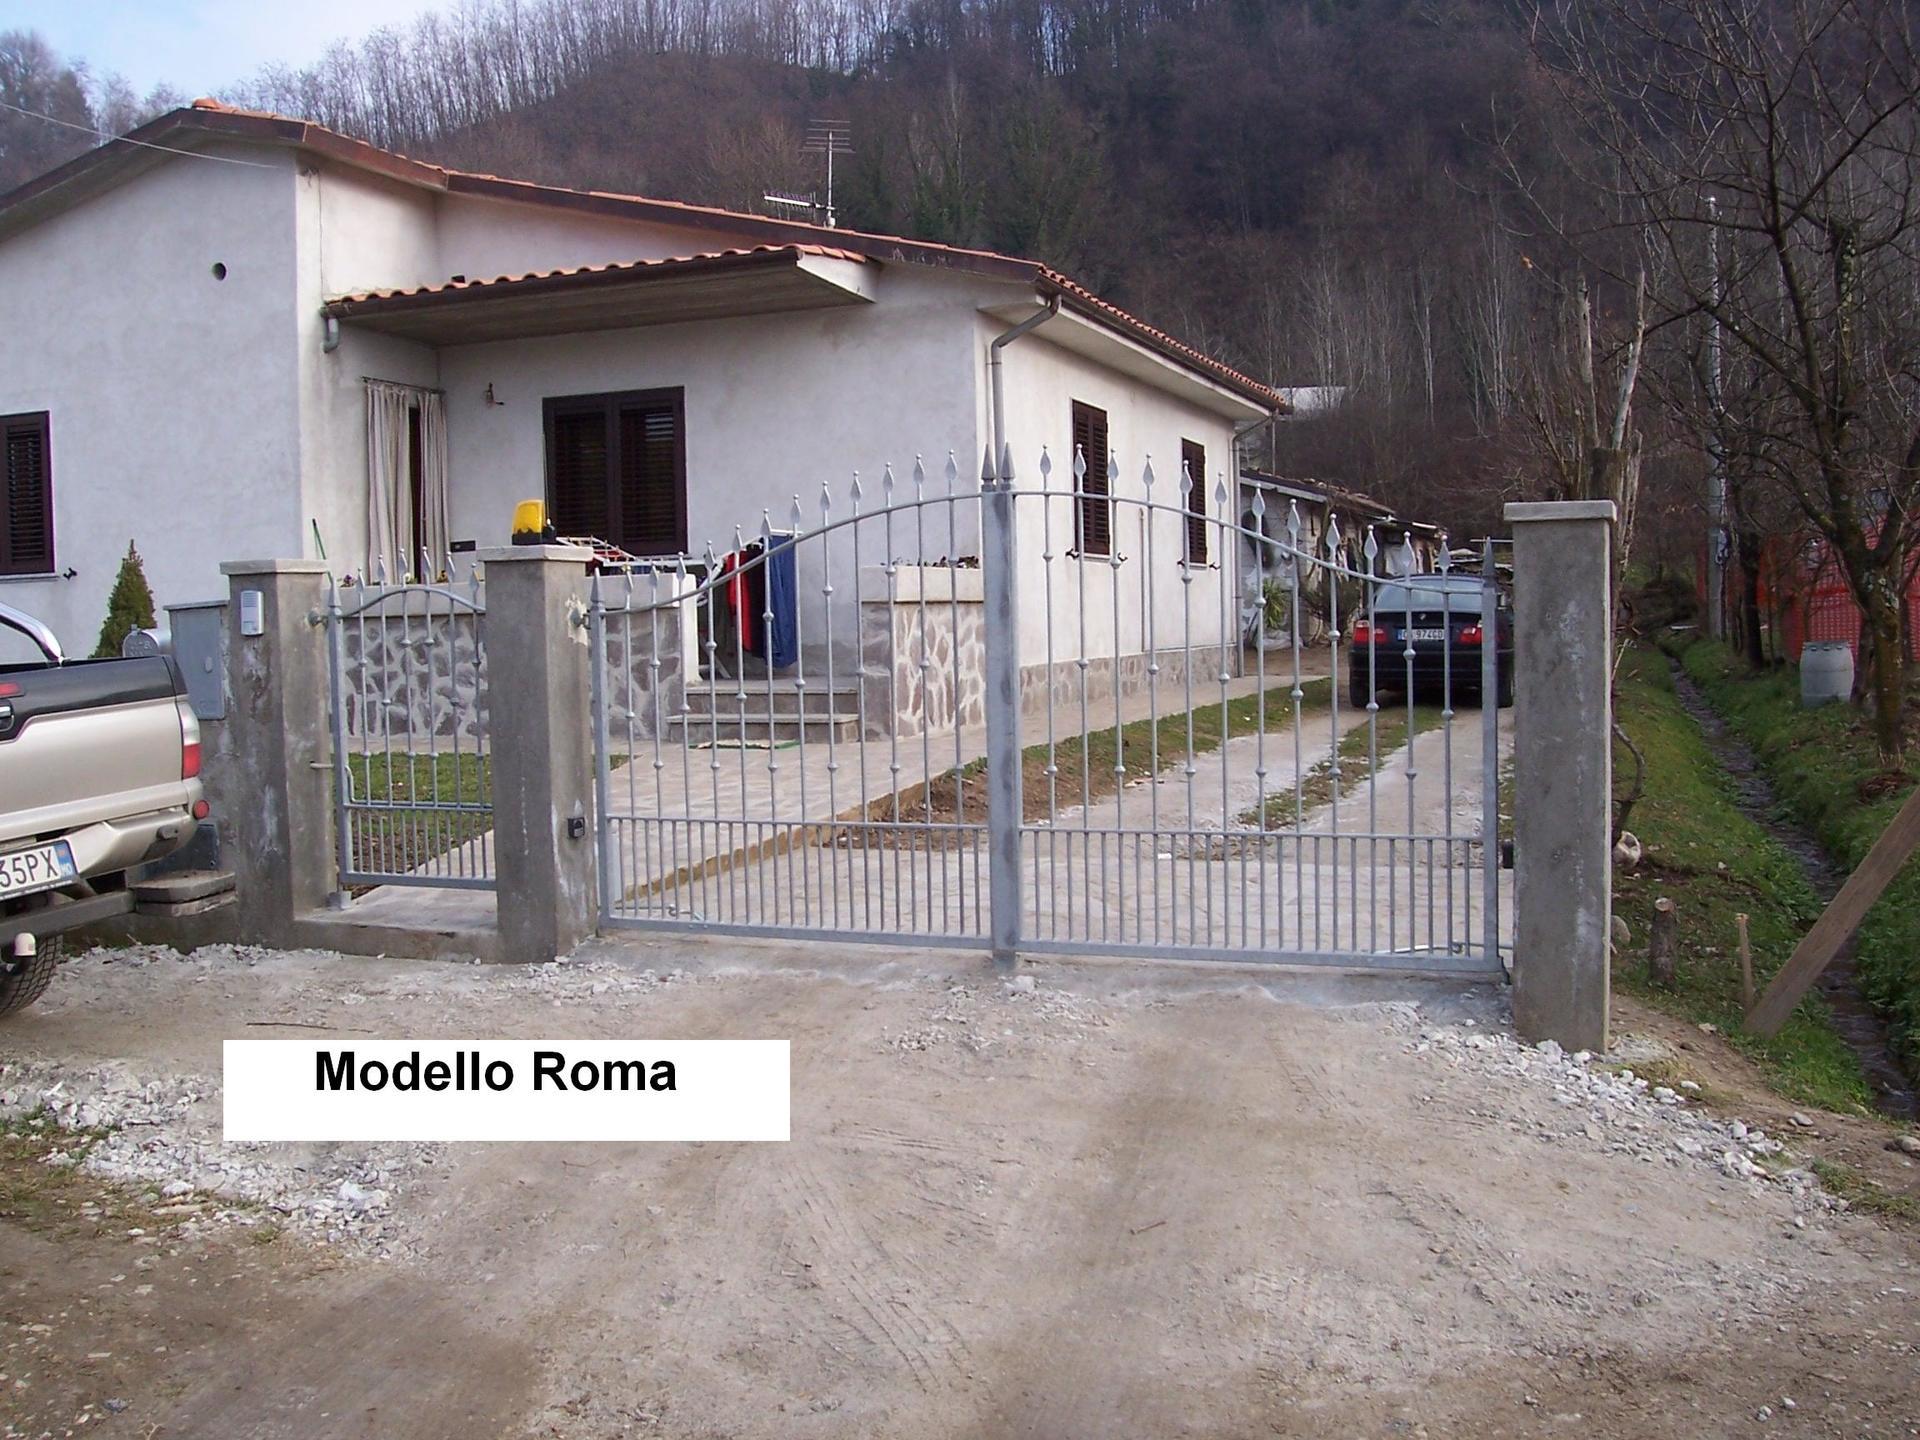 Cancelli per casa Modello Roma